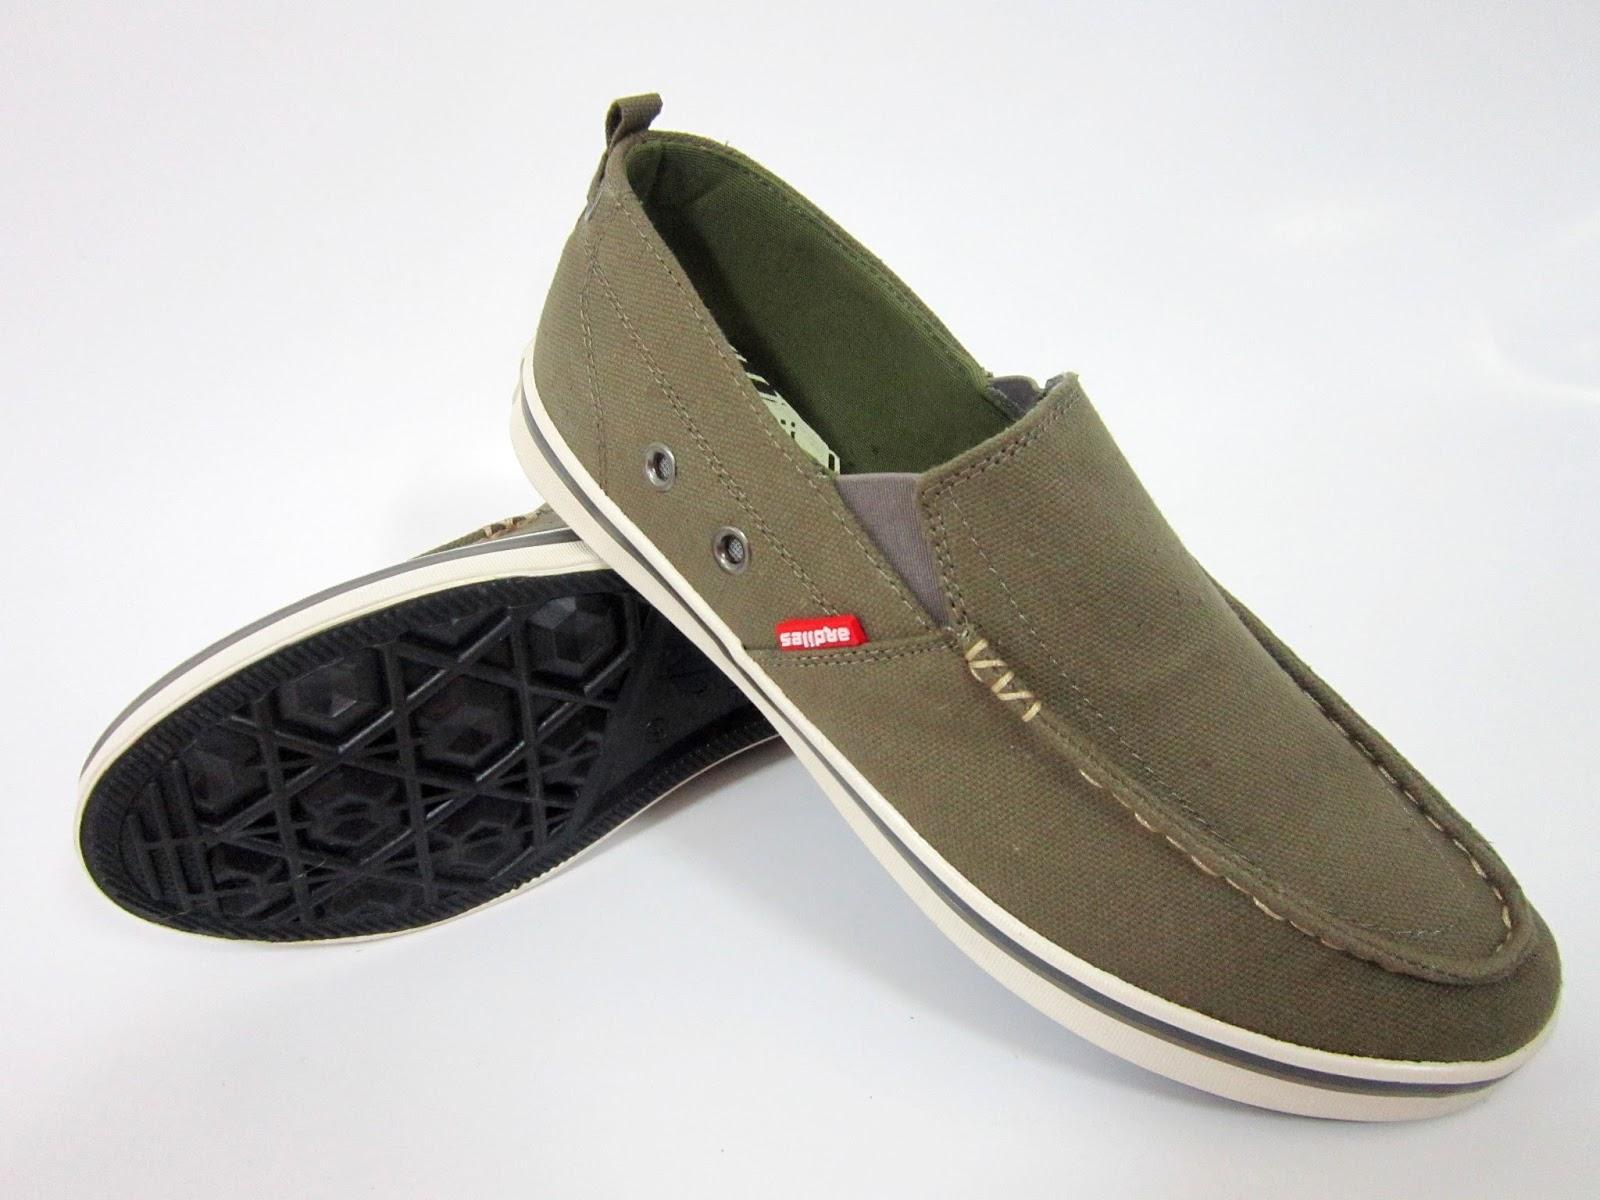 Jual Sepatu Sandal Ardiles Terbaik Men Dual On Fashion Hitam Abu 40 Sneakers